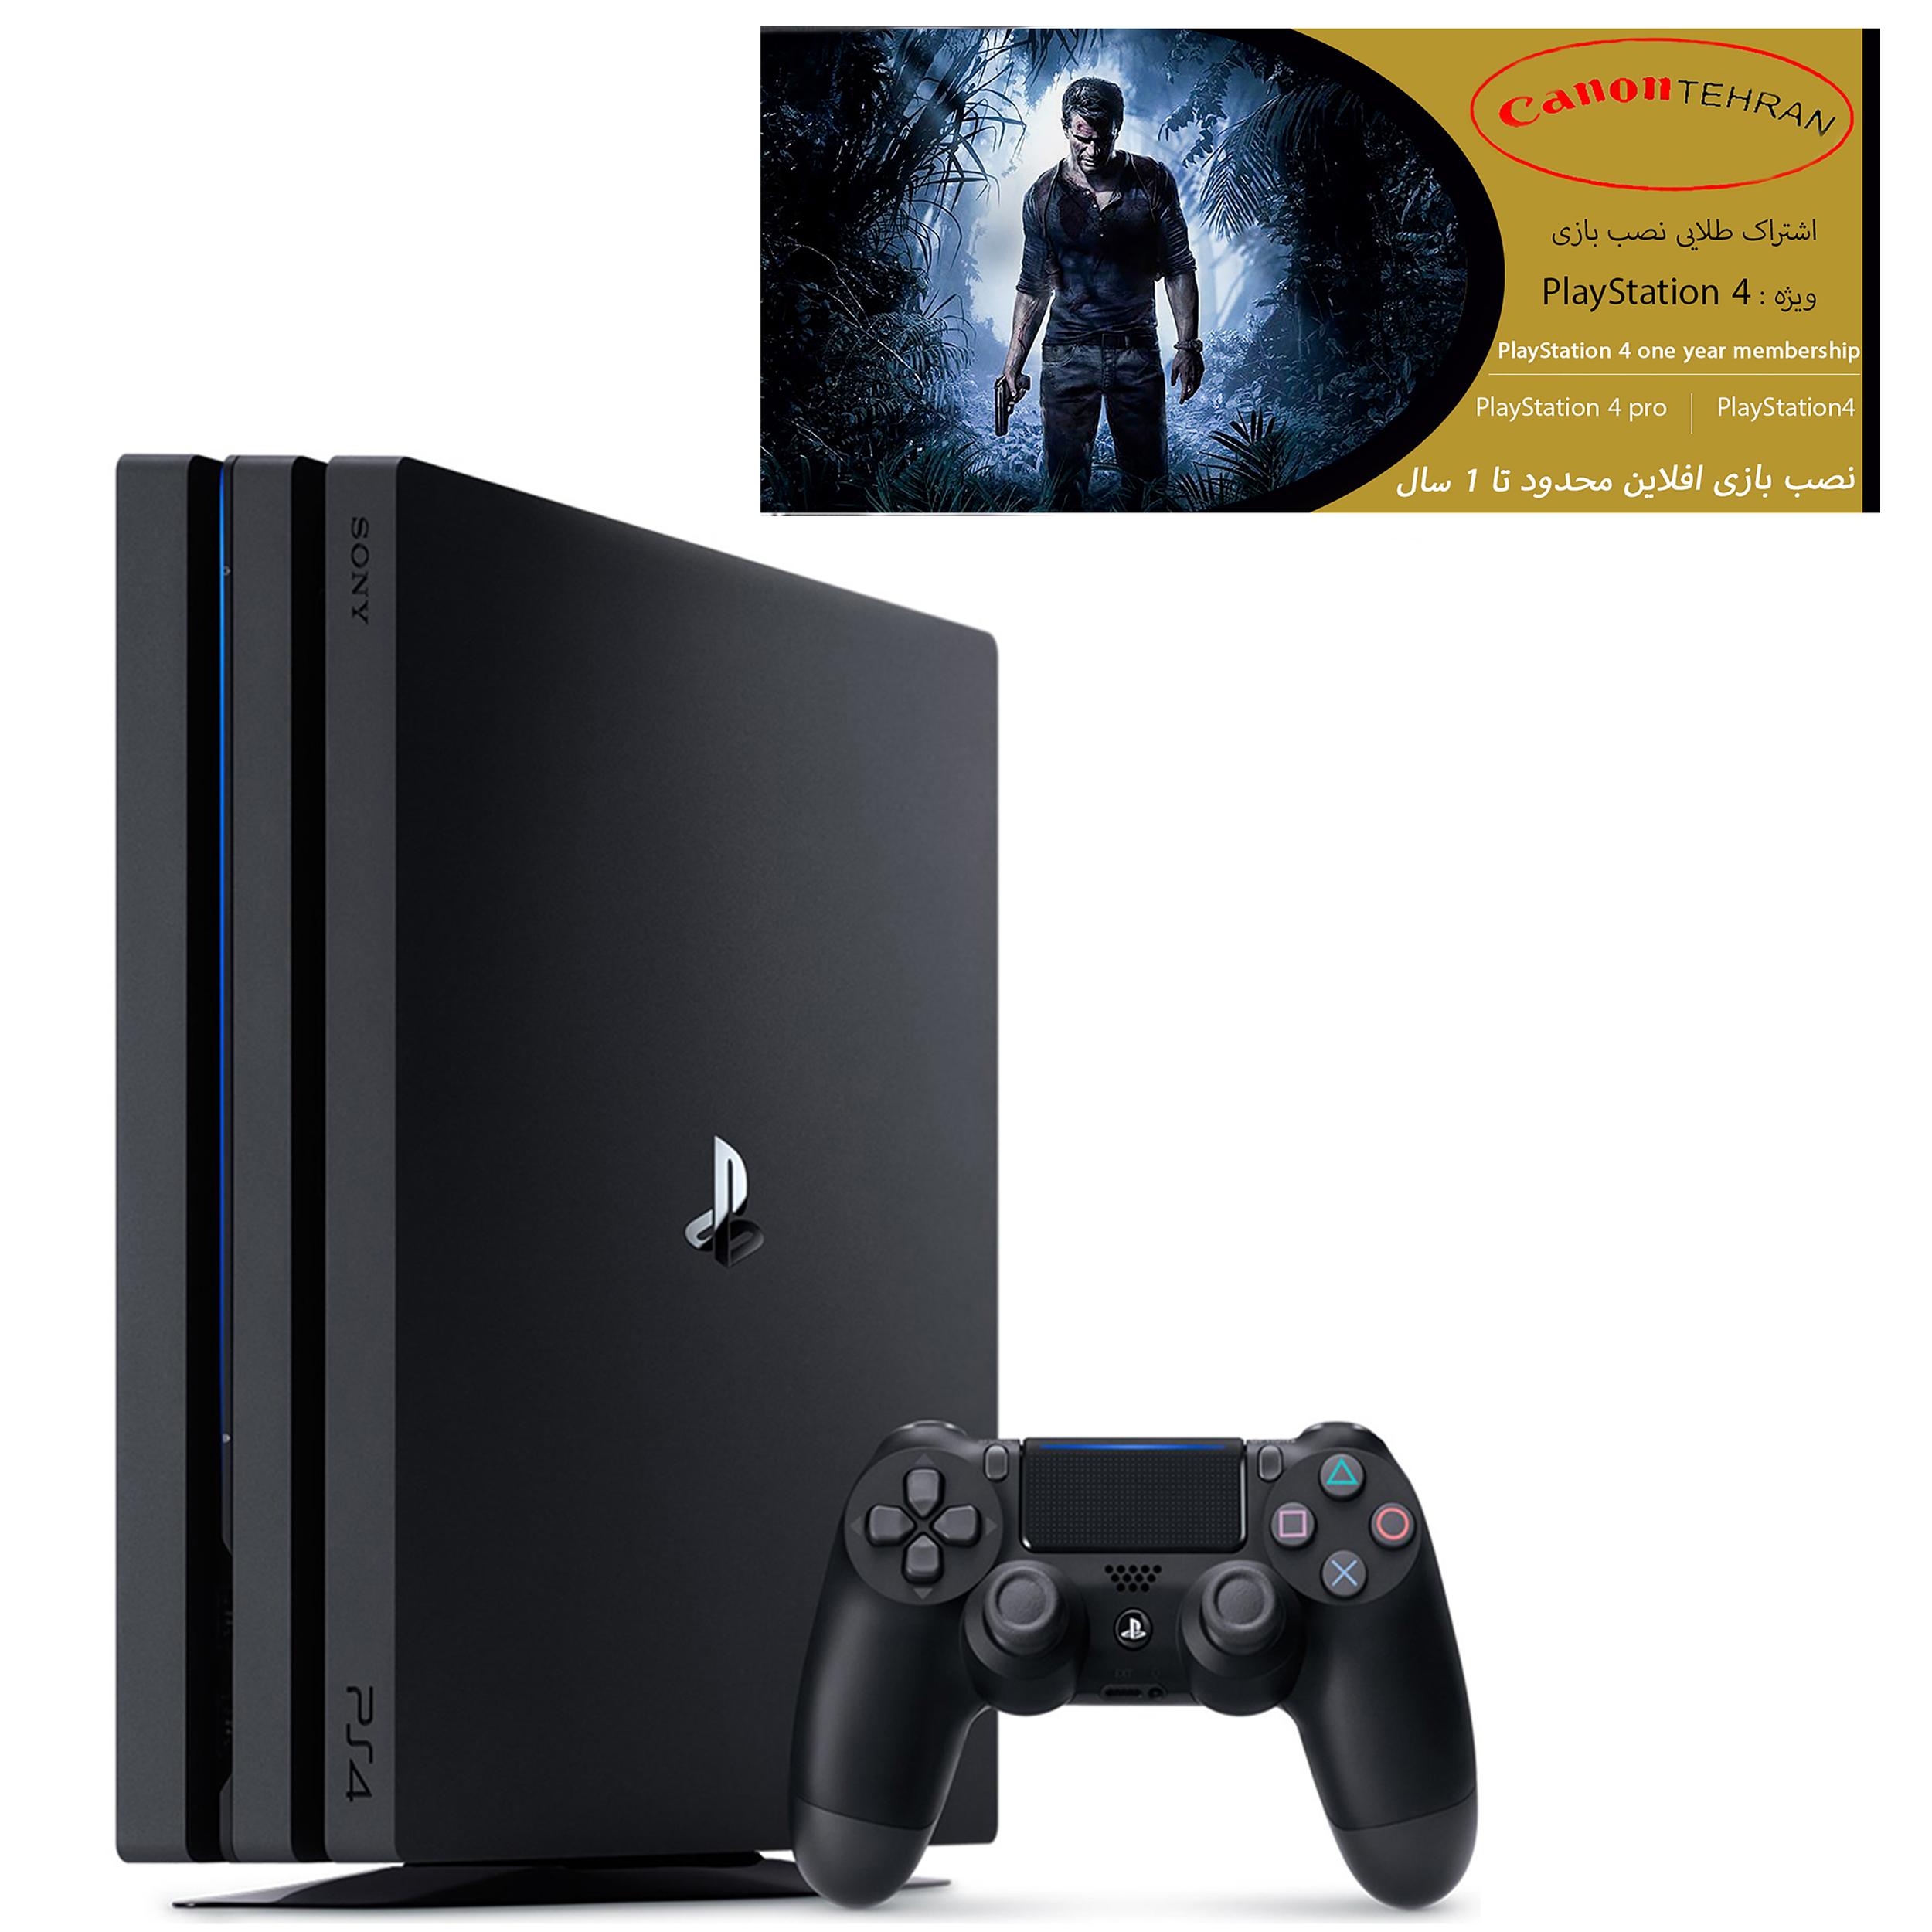 کنسول بازی سونی مدل Playstation 4 Pro ریجن 3 کد CUH-7218B ظرفیت 1 ترابایت به همراه 20 عدد بازی